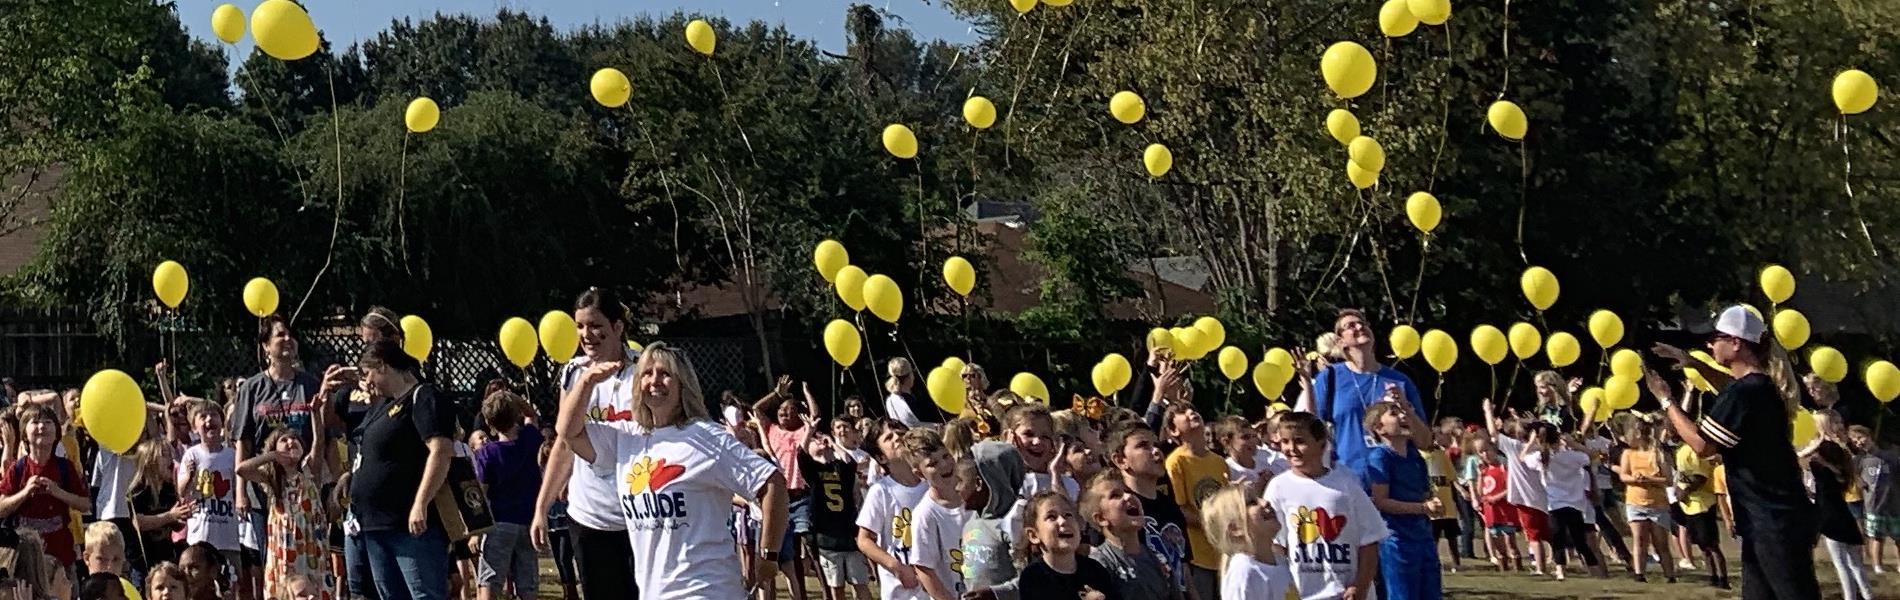 St. Jude Balloon Release